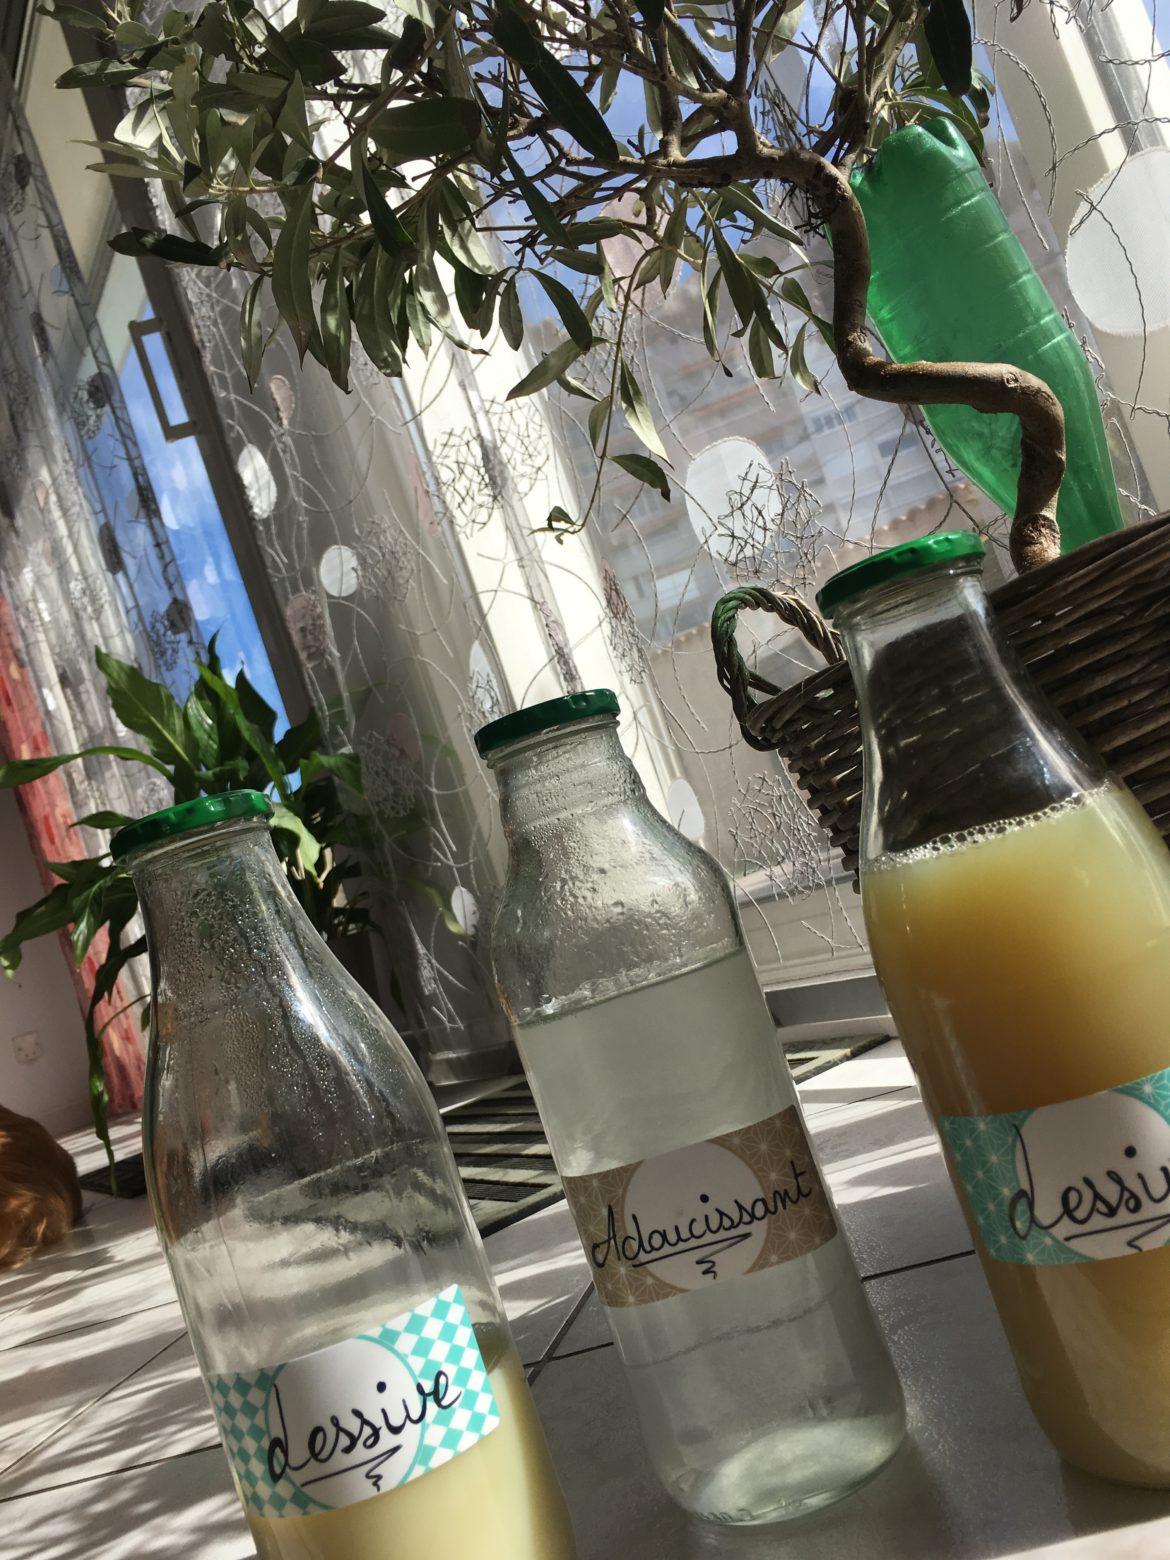 Bouteilles en verre de lessive et assouplissant devant un petit olivier